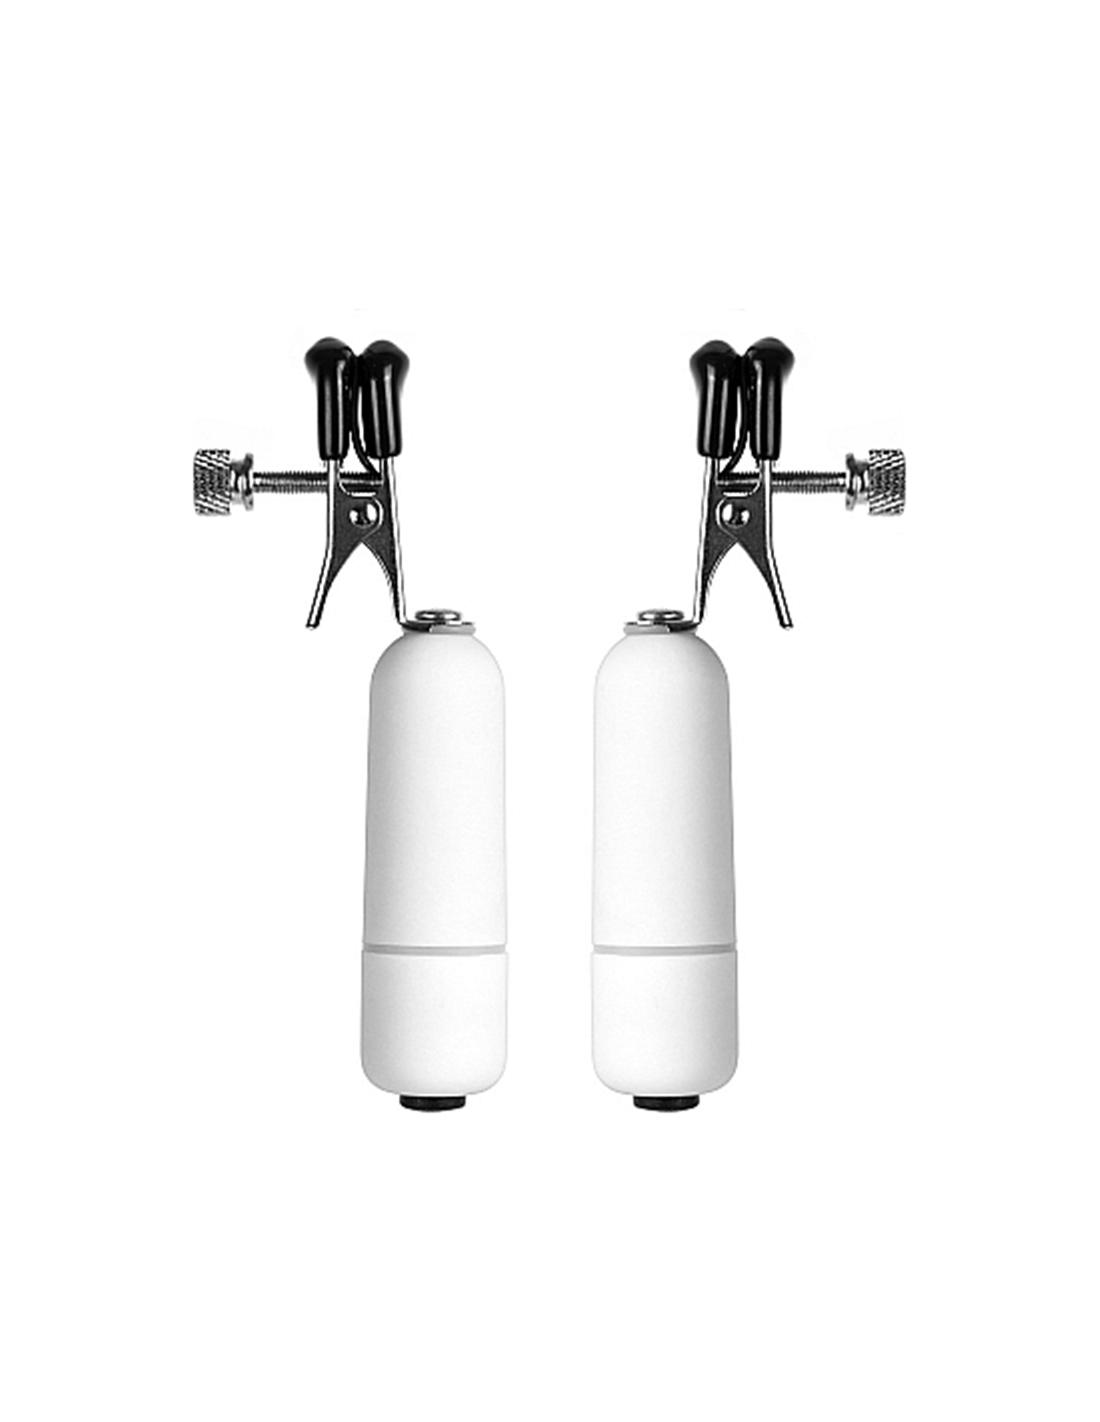 Pinças Vibratórias Para Os Mamilos Vibrating Nipple Clamps - PR2010320113